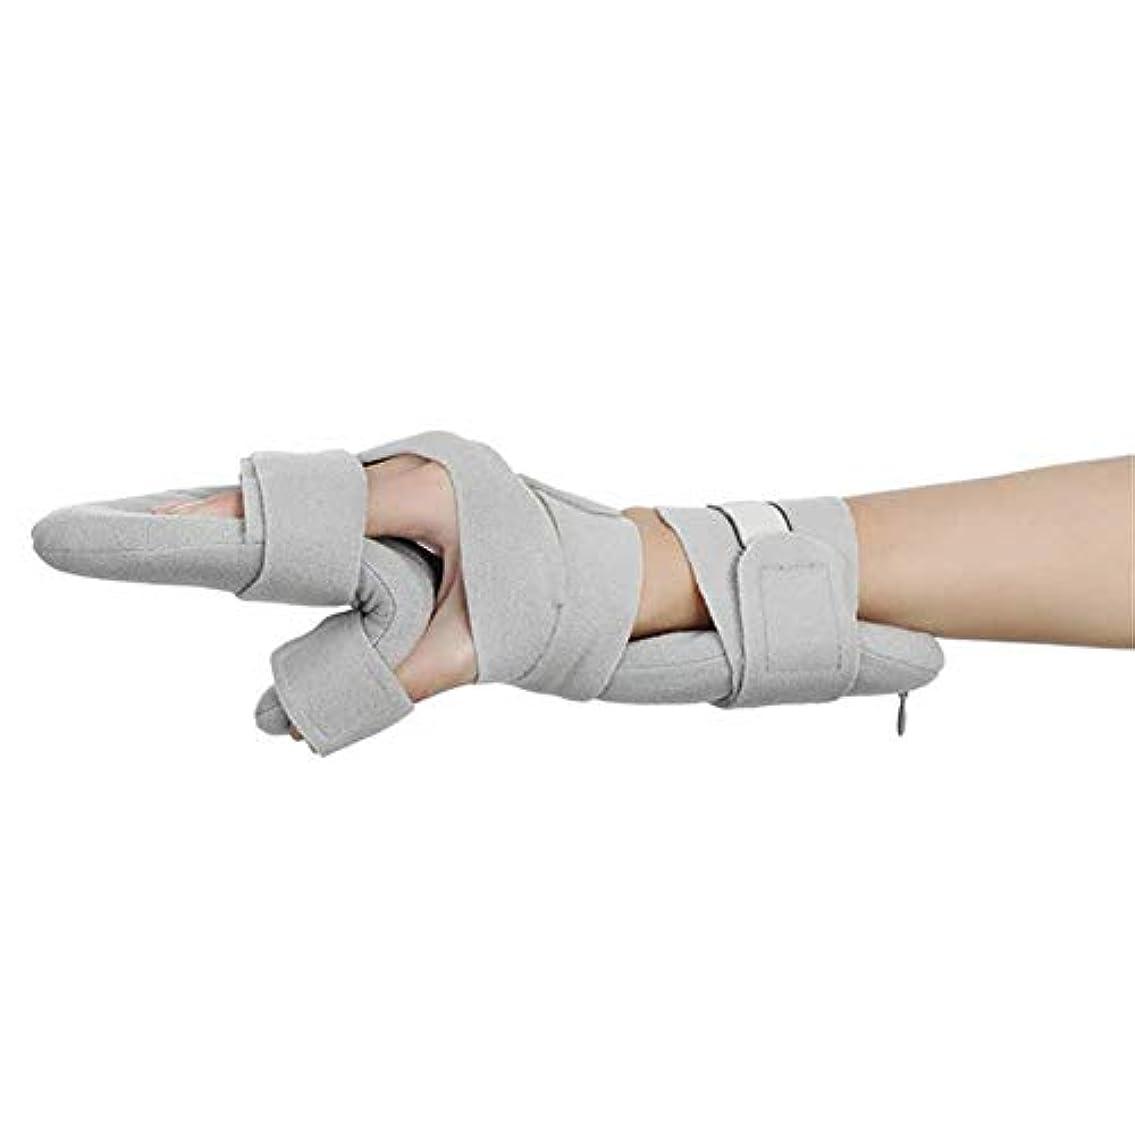 アナロジーマート行動指のけいれんや萎縮の柔らかい機能的な安静時の手の副木のための指の装具、両手のサポート多目的調節可能 (Color : Left)